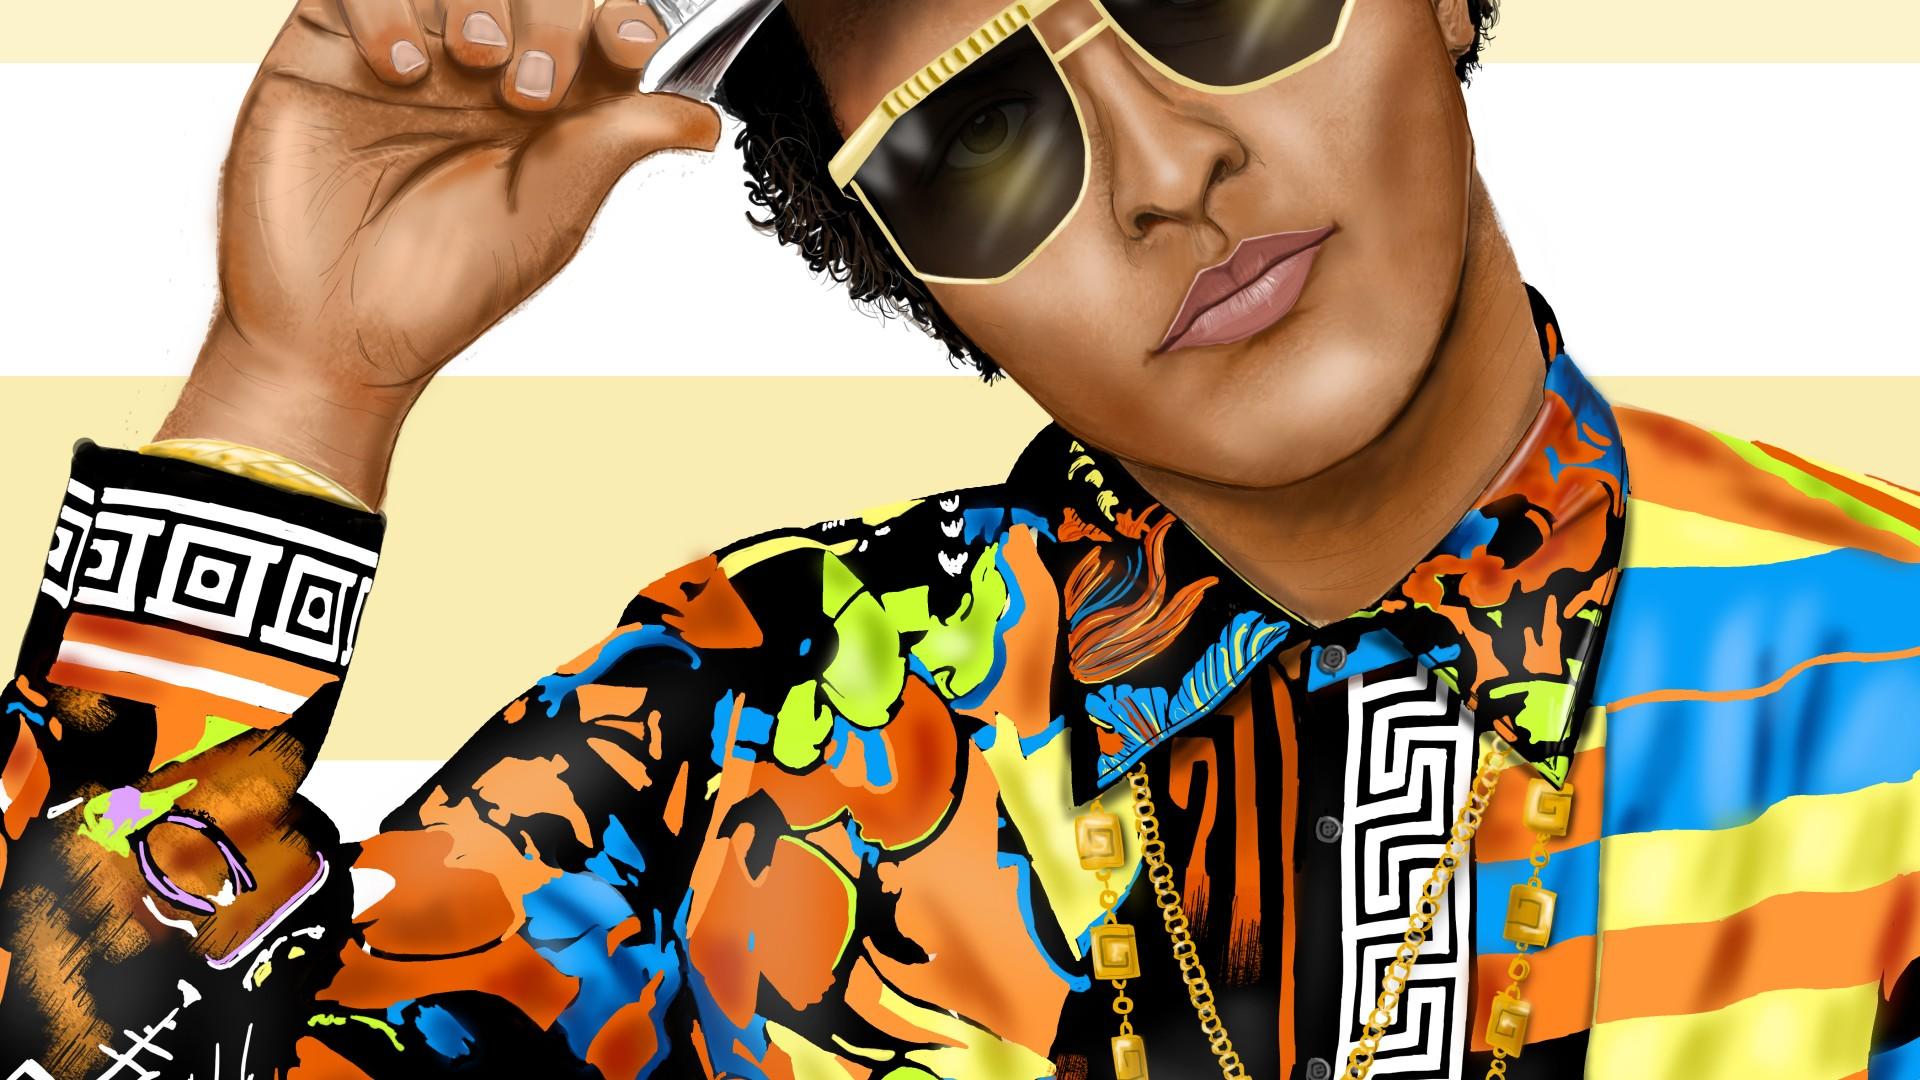 Bruno Mars Illustration 1920x1080 1080p Wallpaper Thewallpaperkid Com